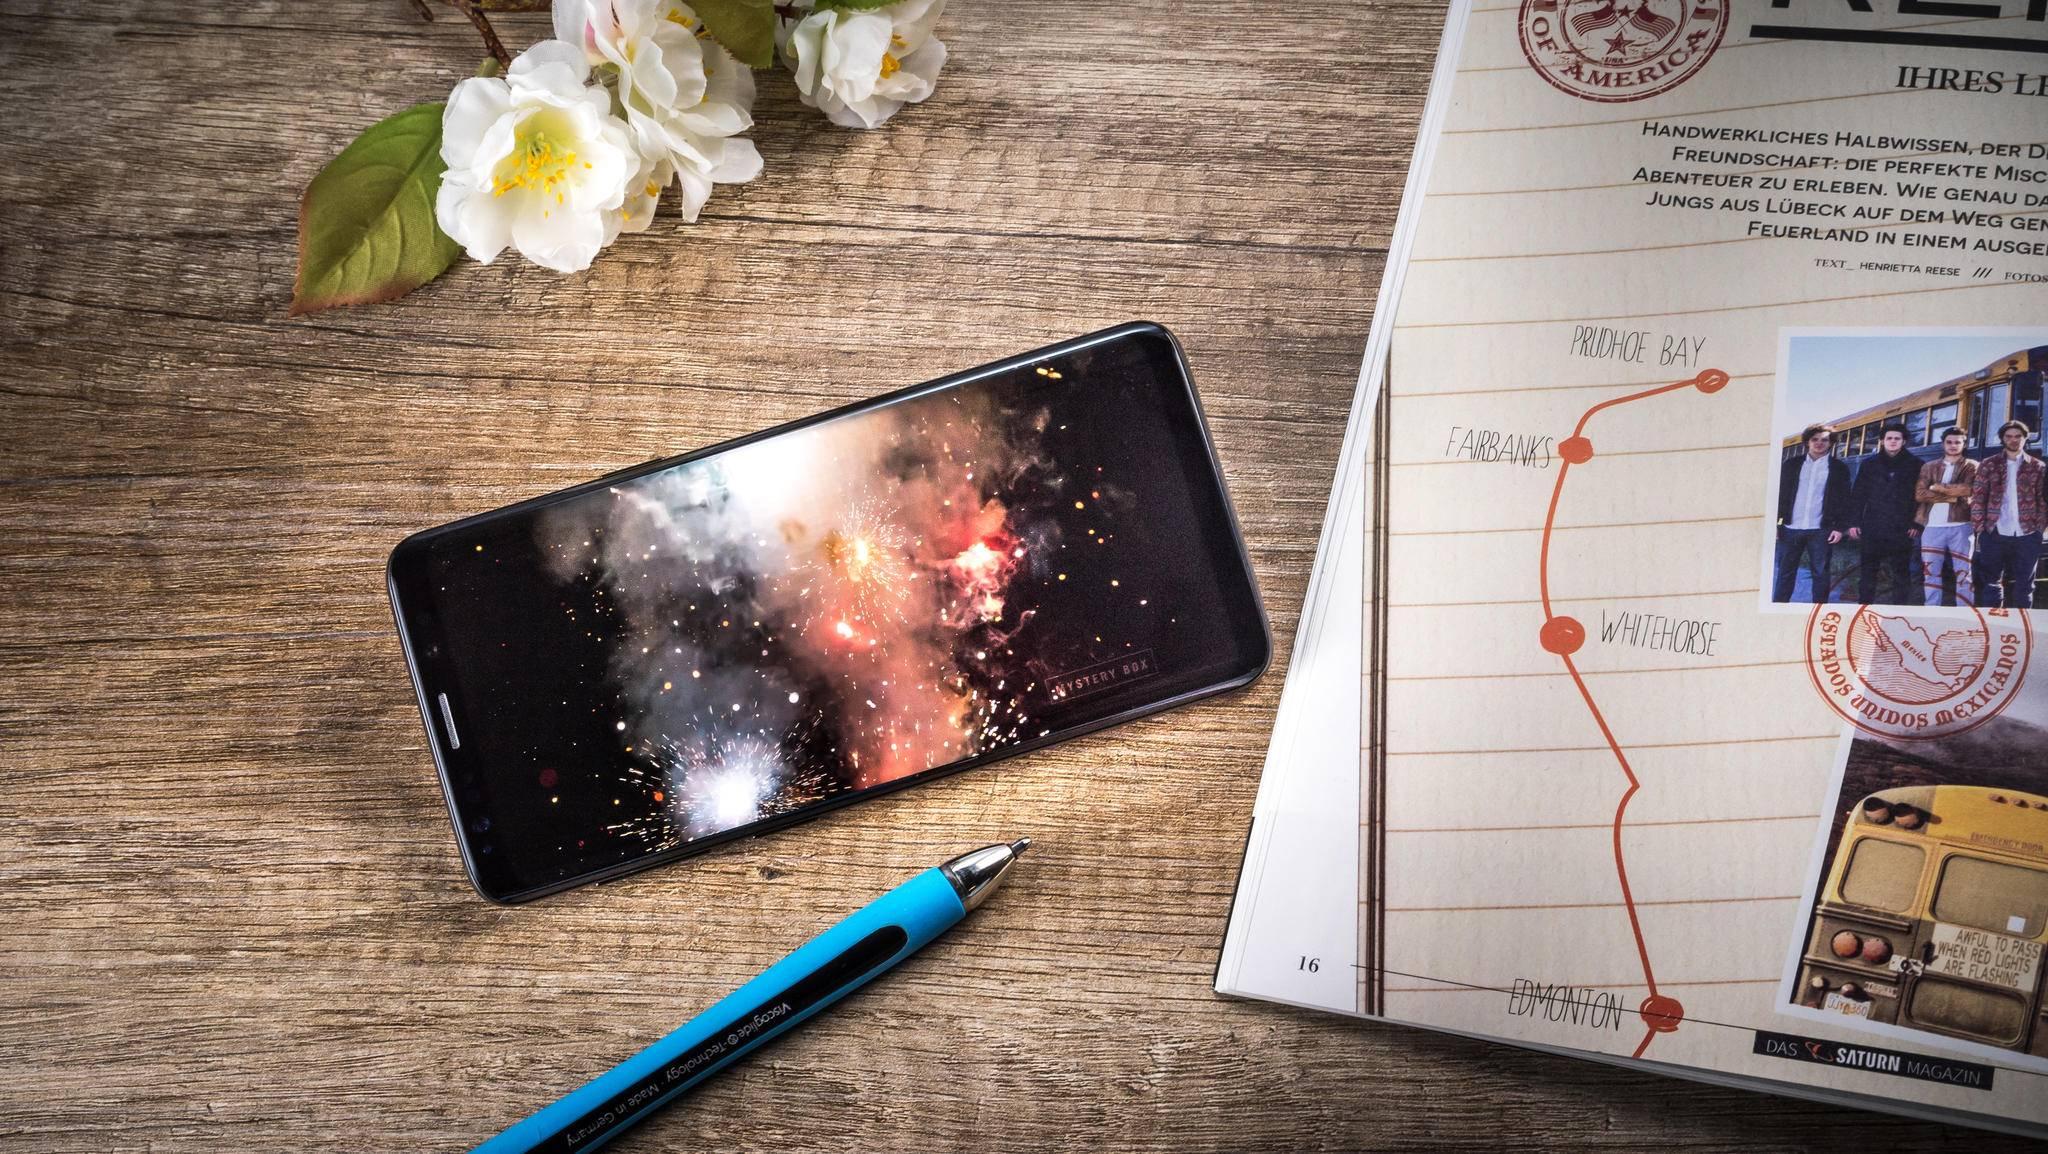 Samsung bietet neben den Galaxy-S-Smartphones noch weitere Smartphone-Serien an.